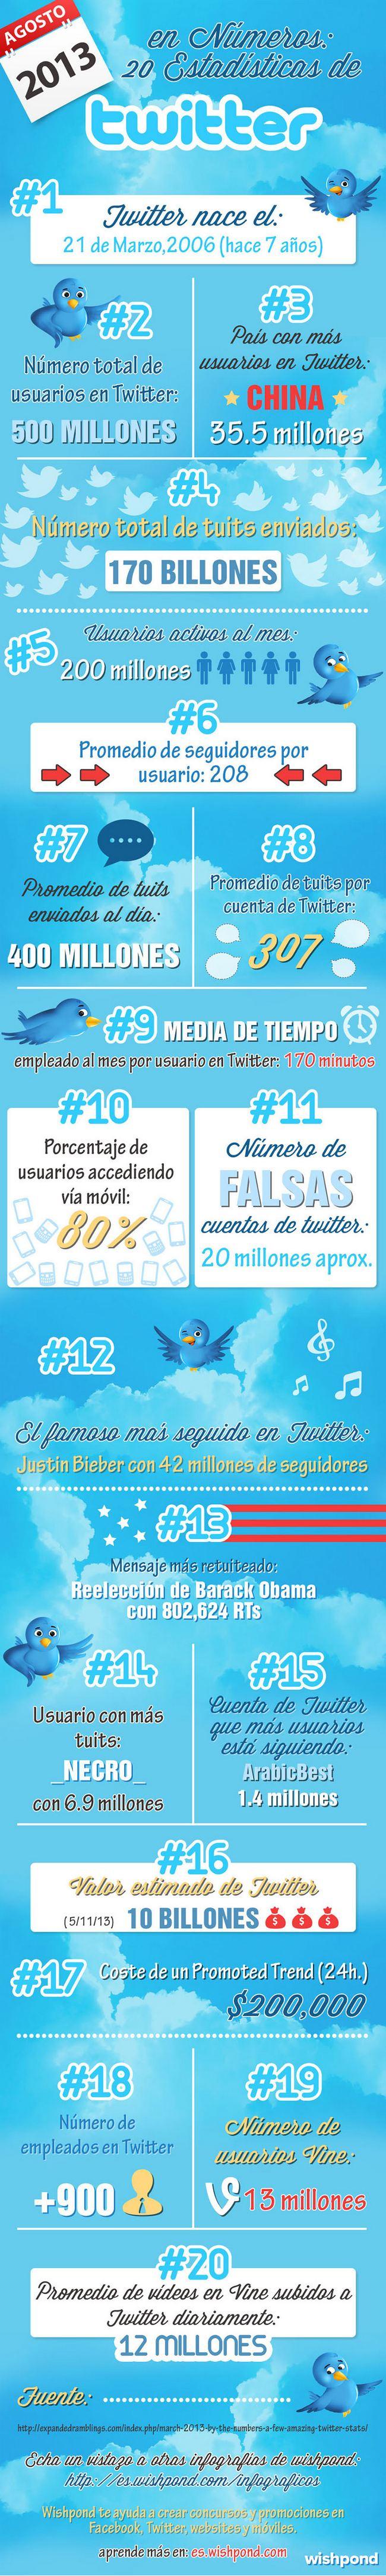 twitter-20-statistics